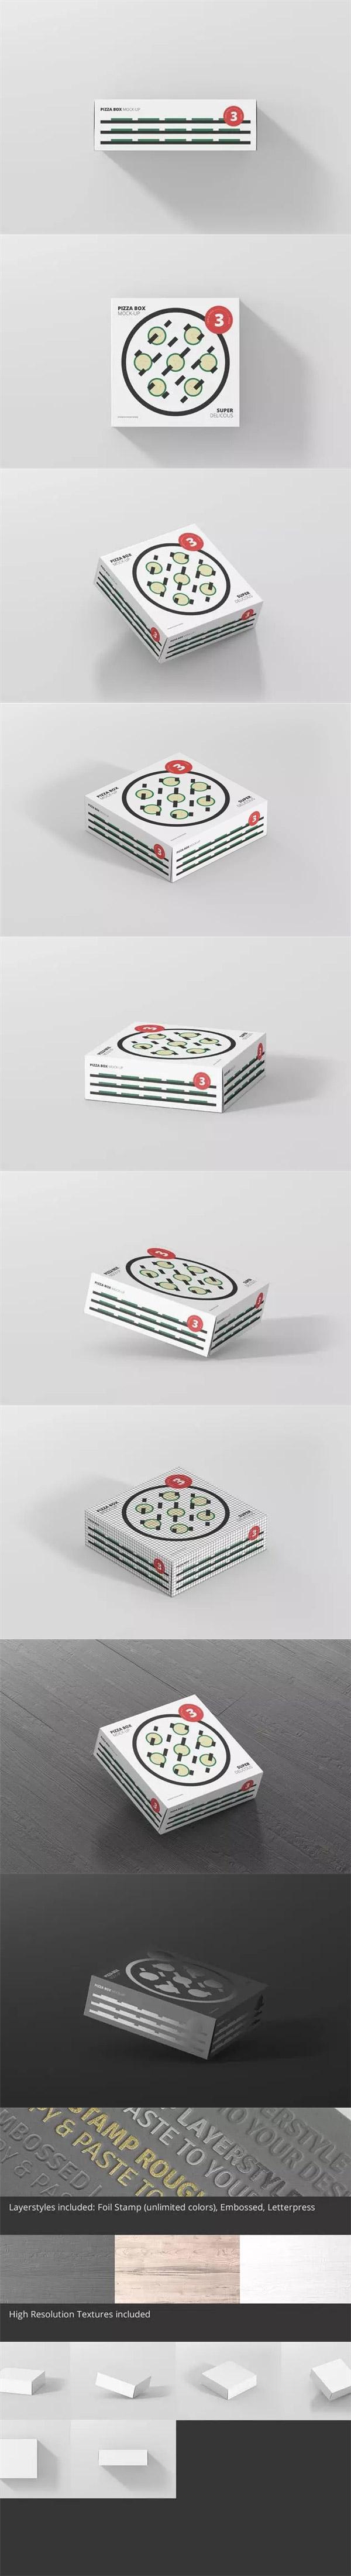 披萨包装盒样机